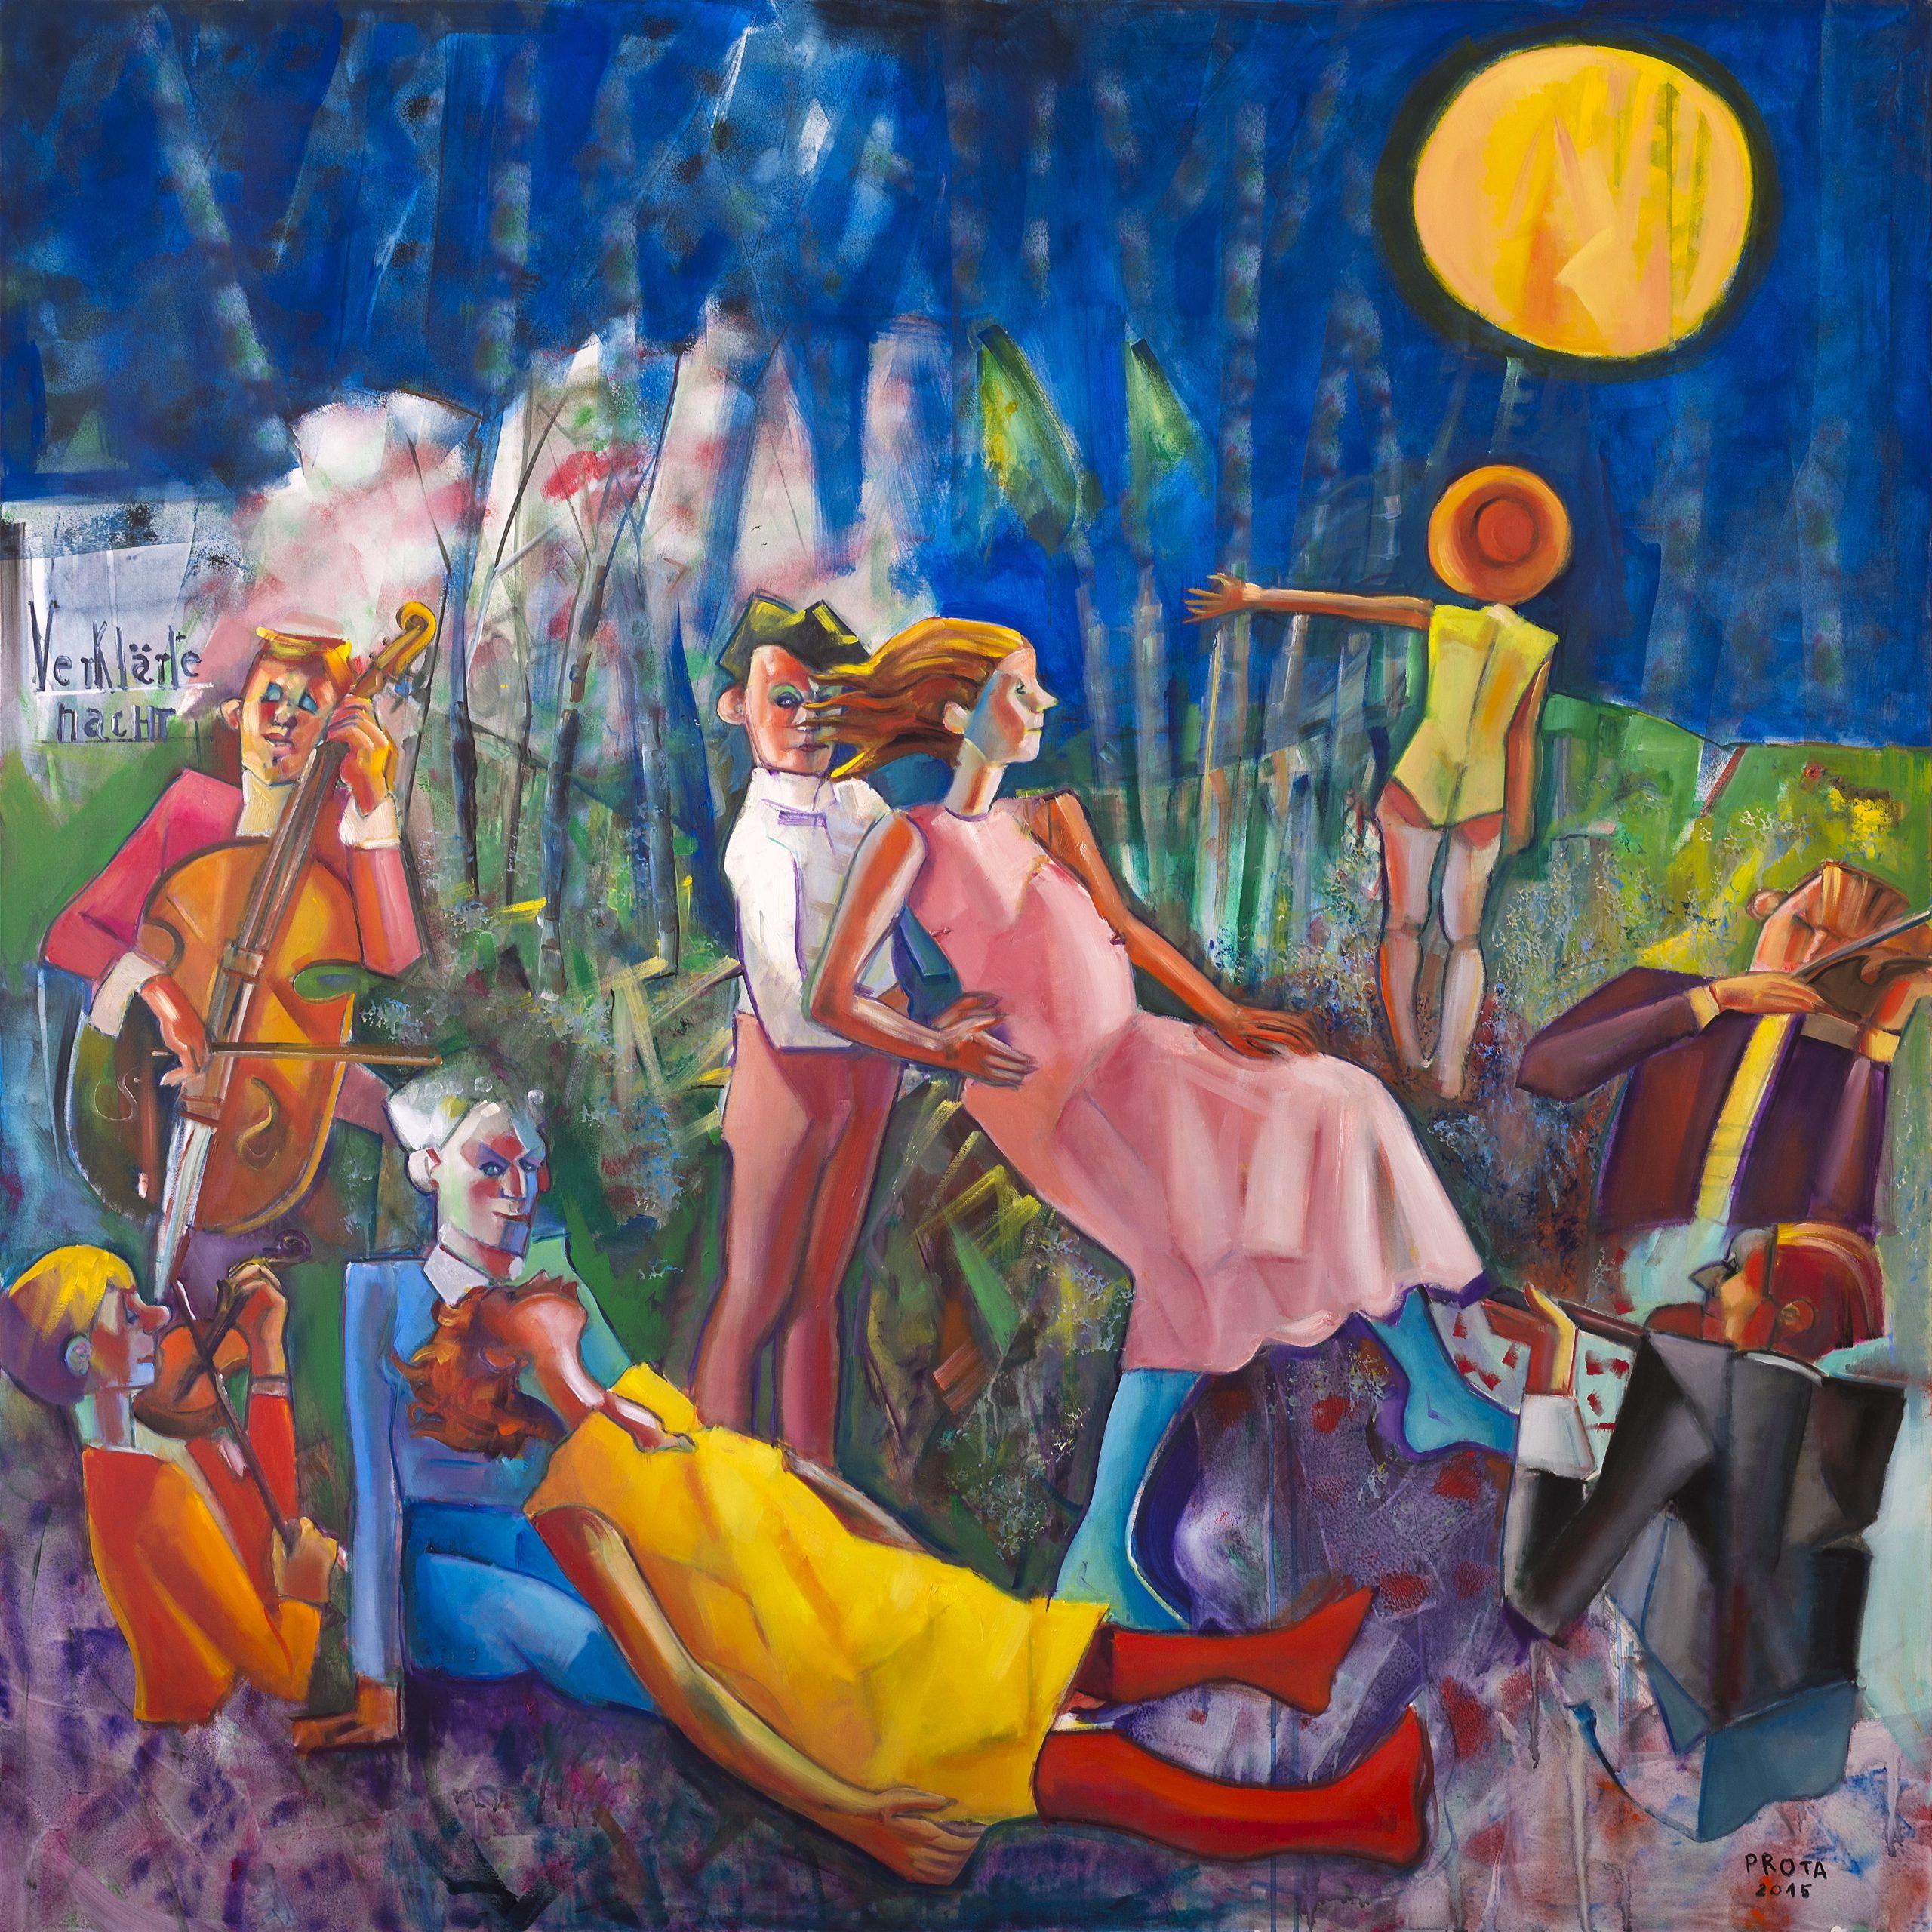 2016 - Notte Trasfigurata - 150x150 cm